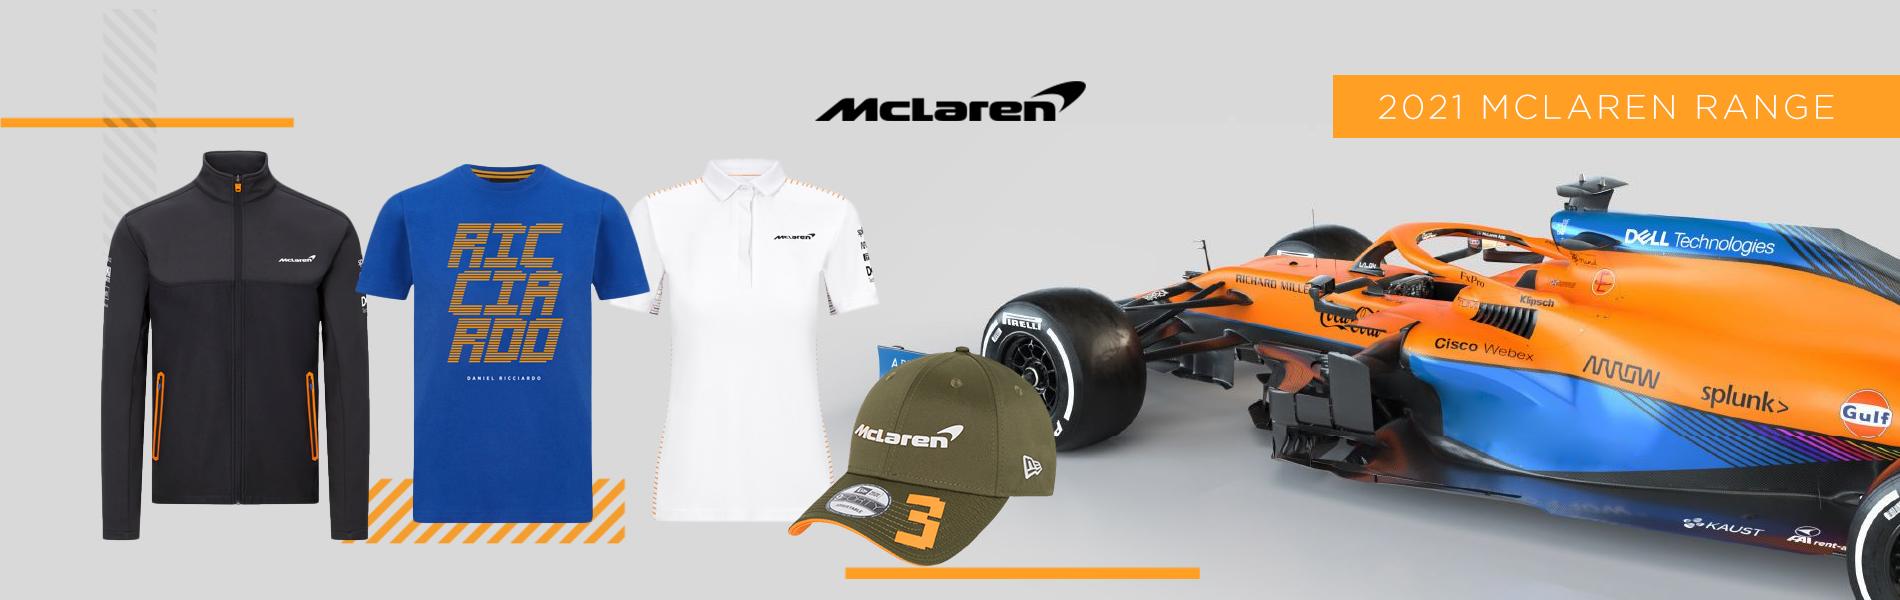 McLaren-Dan-2021-range-homepage